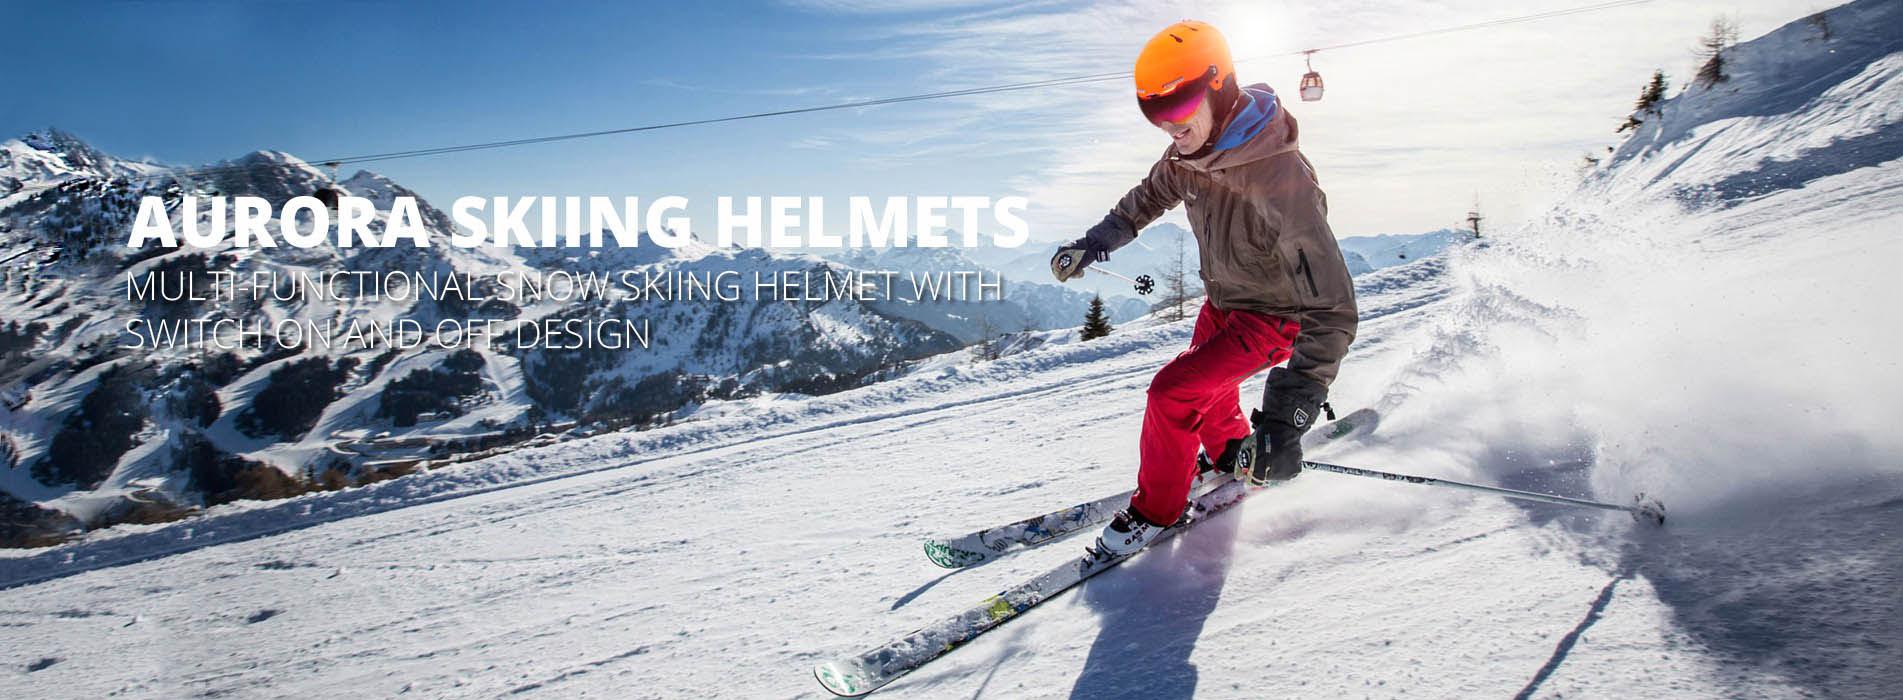 ski helmet banner